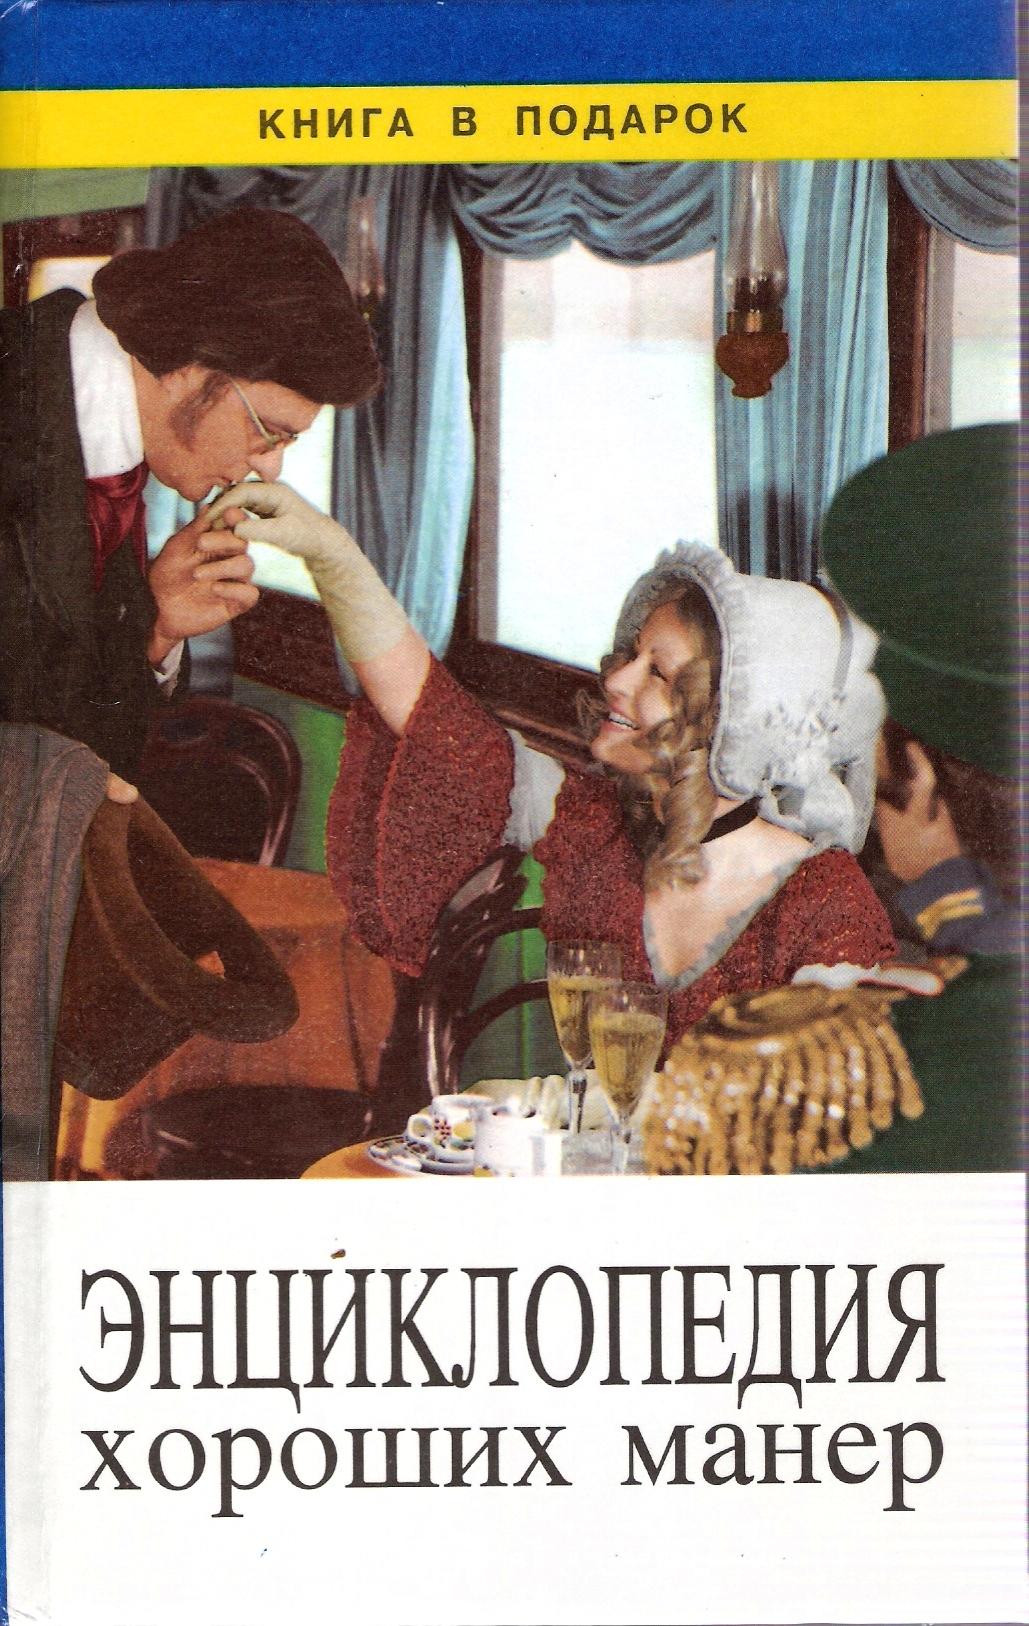 Книга энциклопедия хороших манер - купить на ozon ru